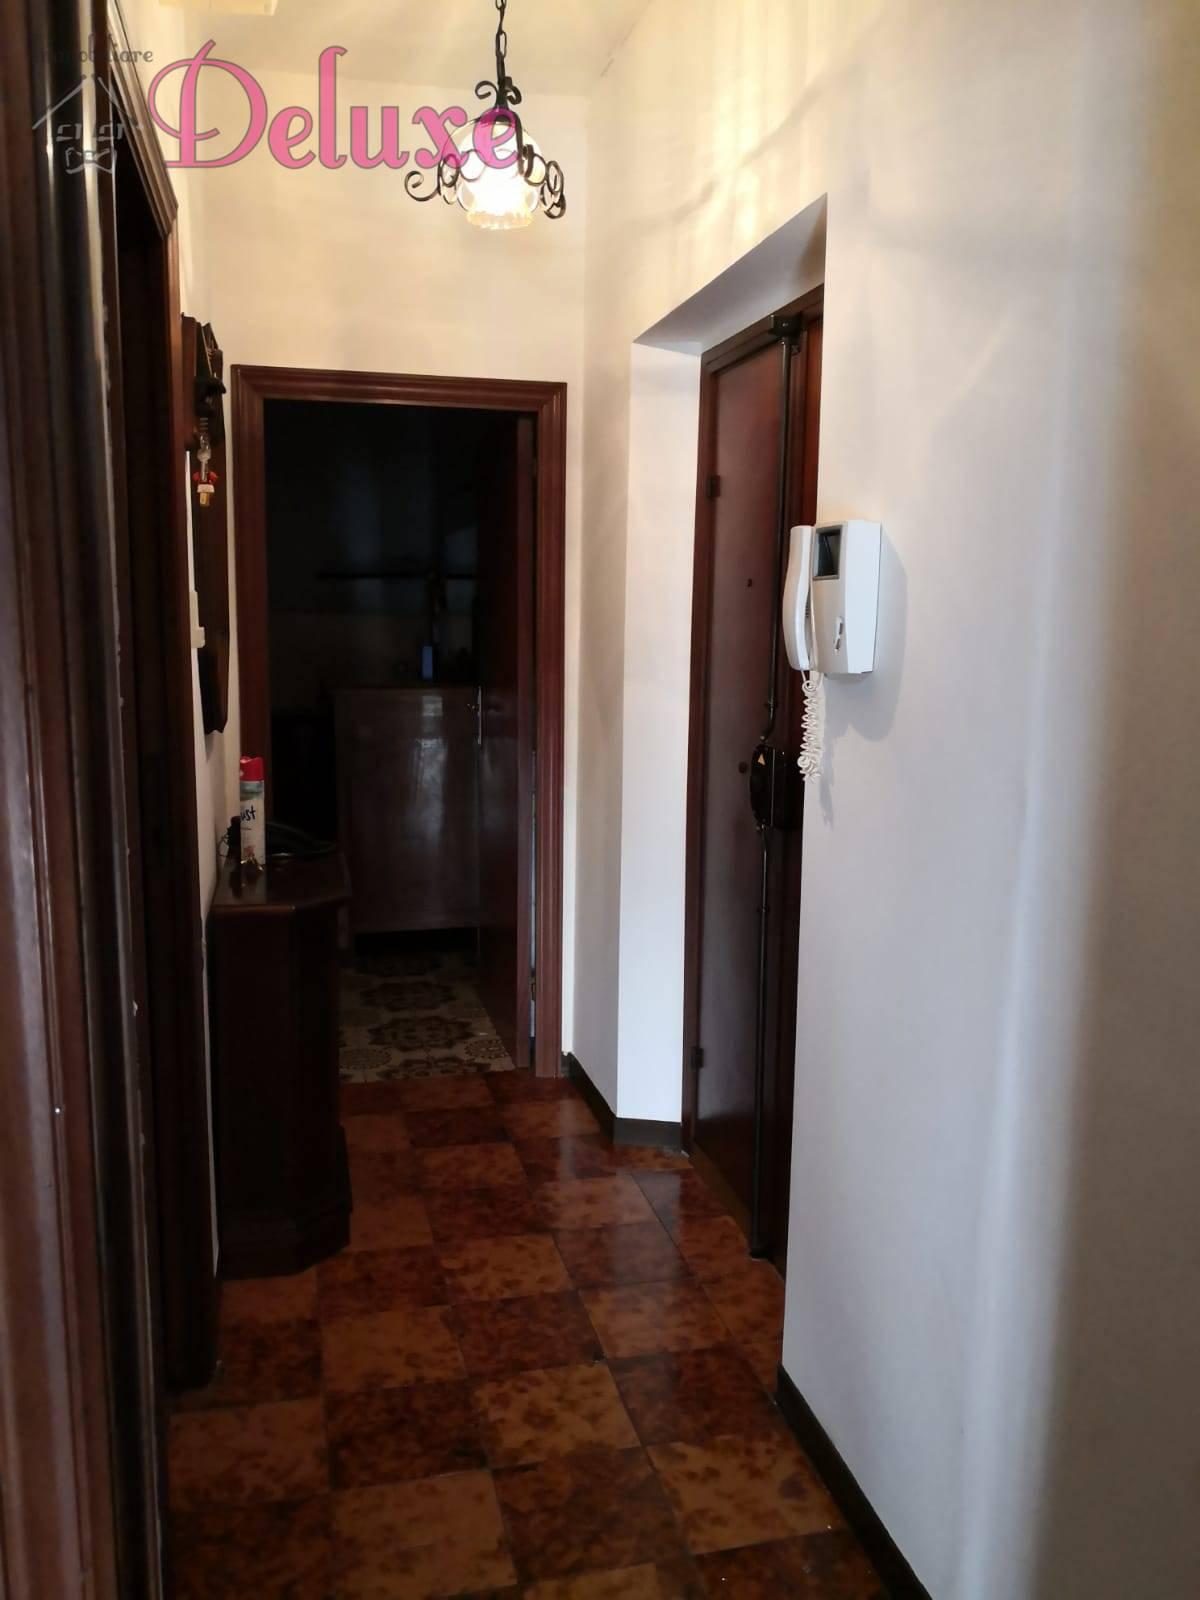 Appartamento in vendita a Macerata, 3 locali, zona Zona: Semicentrale, prezzo € 45.000 | CambioCasa.it